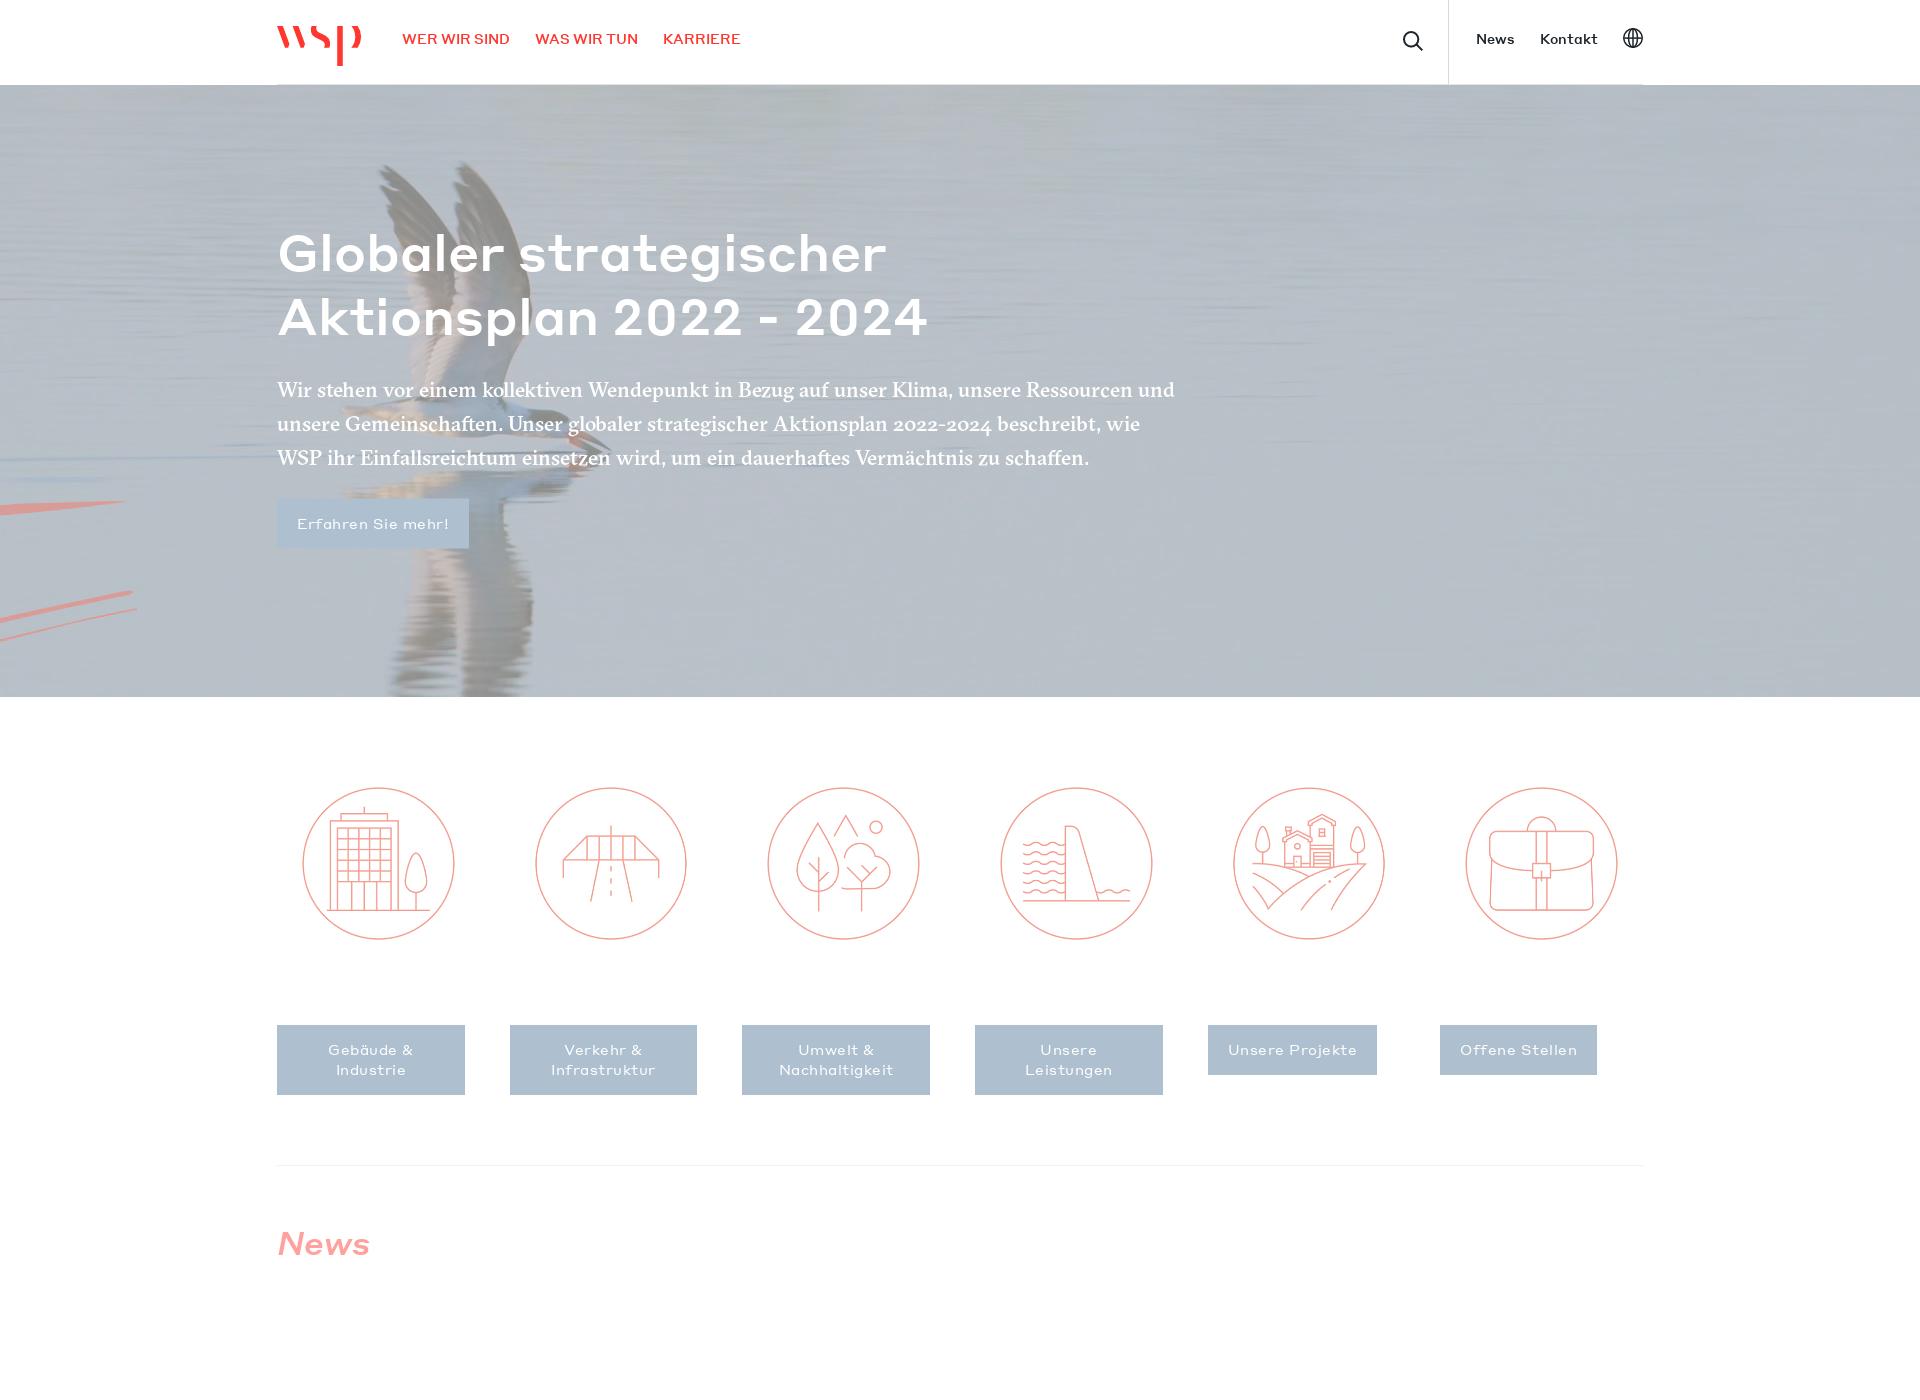 Screenshot for wsp.com